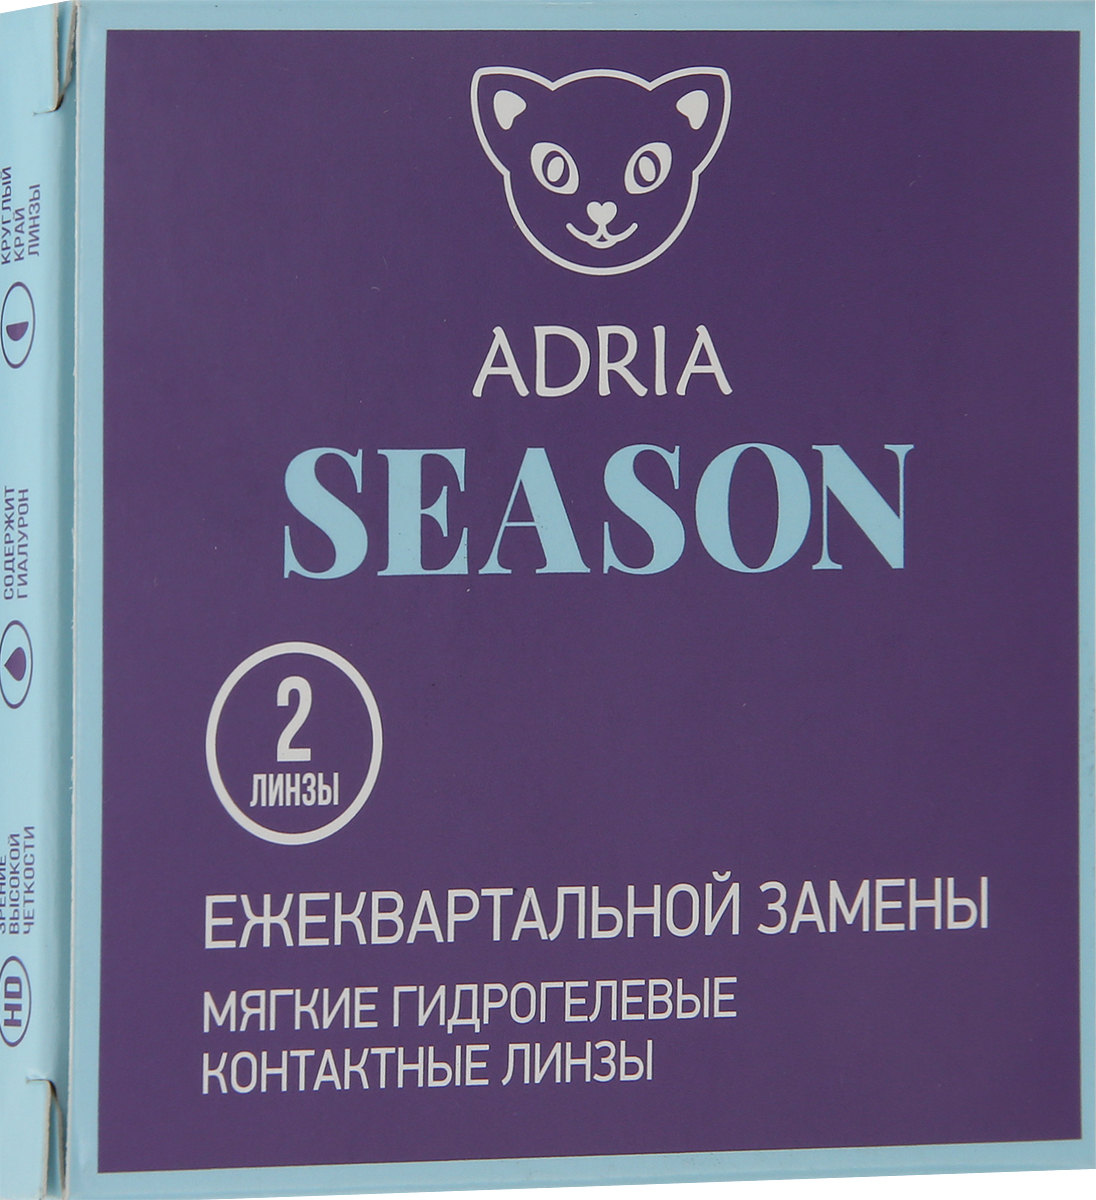 Adria Контактные линзы Adria Season Q38 / 2 шт / -4.50 / 8.6 / 14